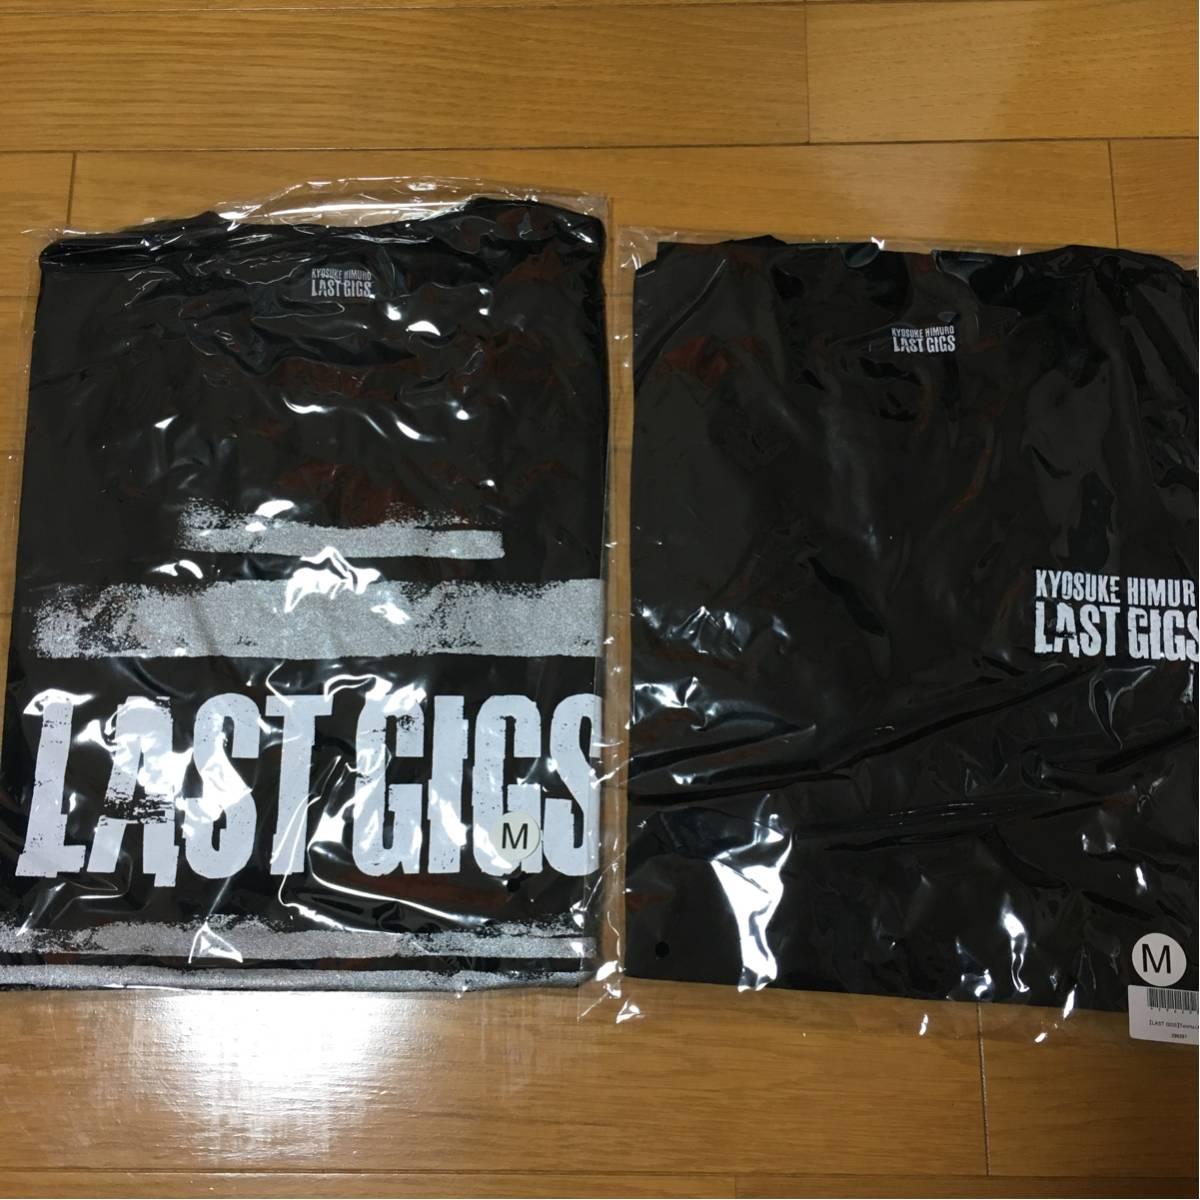 氷室京介 last gigs 東京ドーム限定 Tシャツ 背中クロス Tシャツ ライブグッズの画像